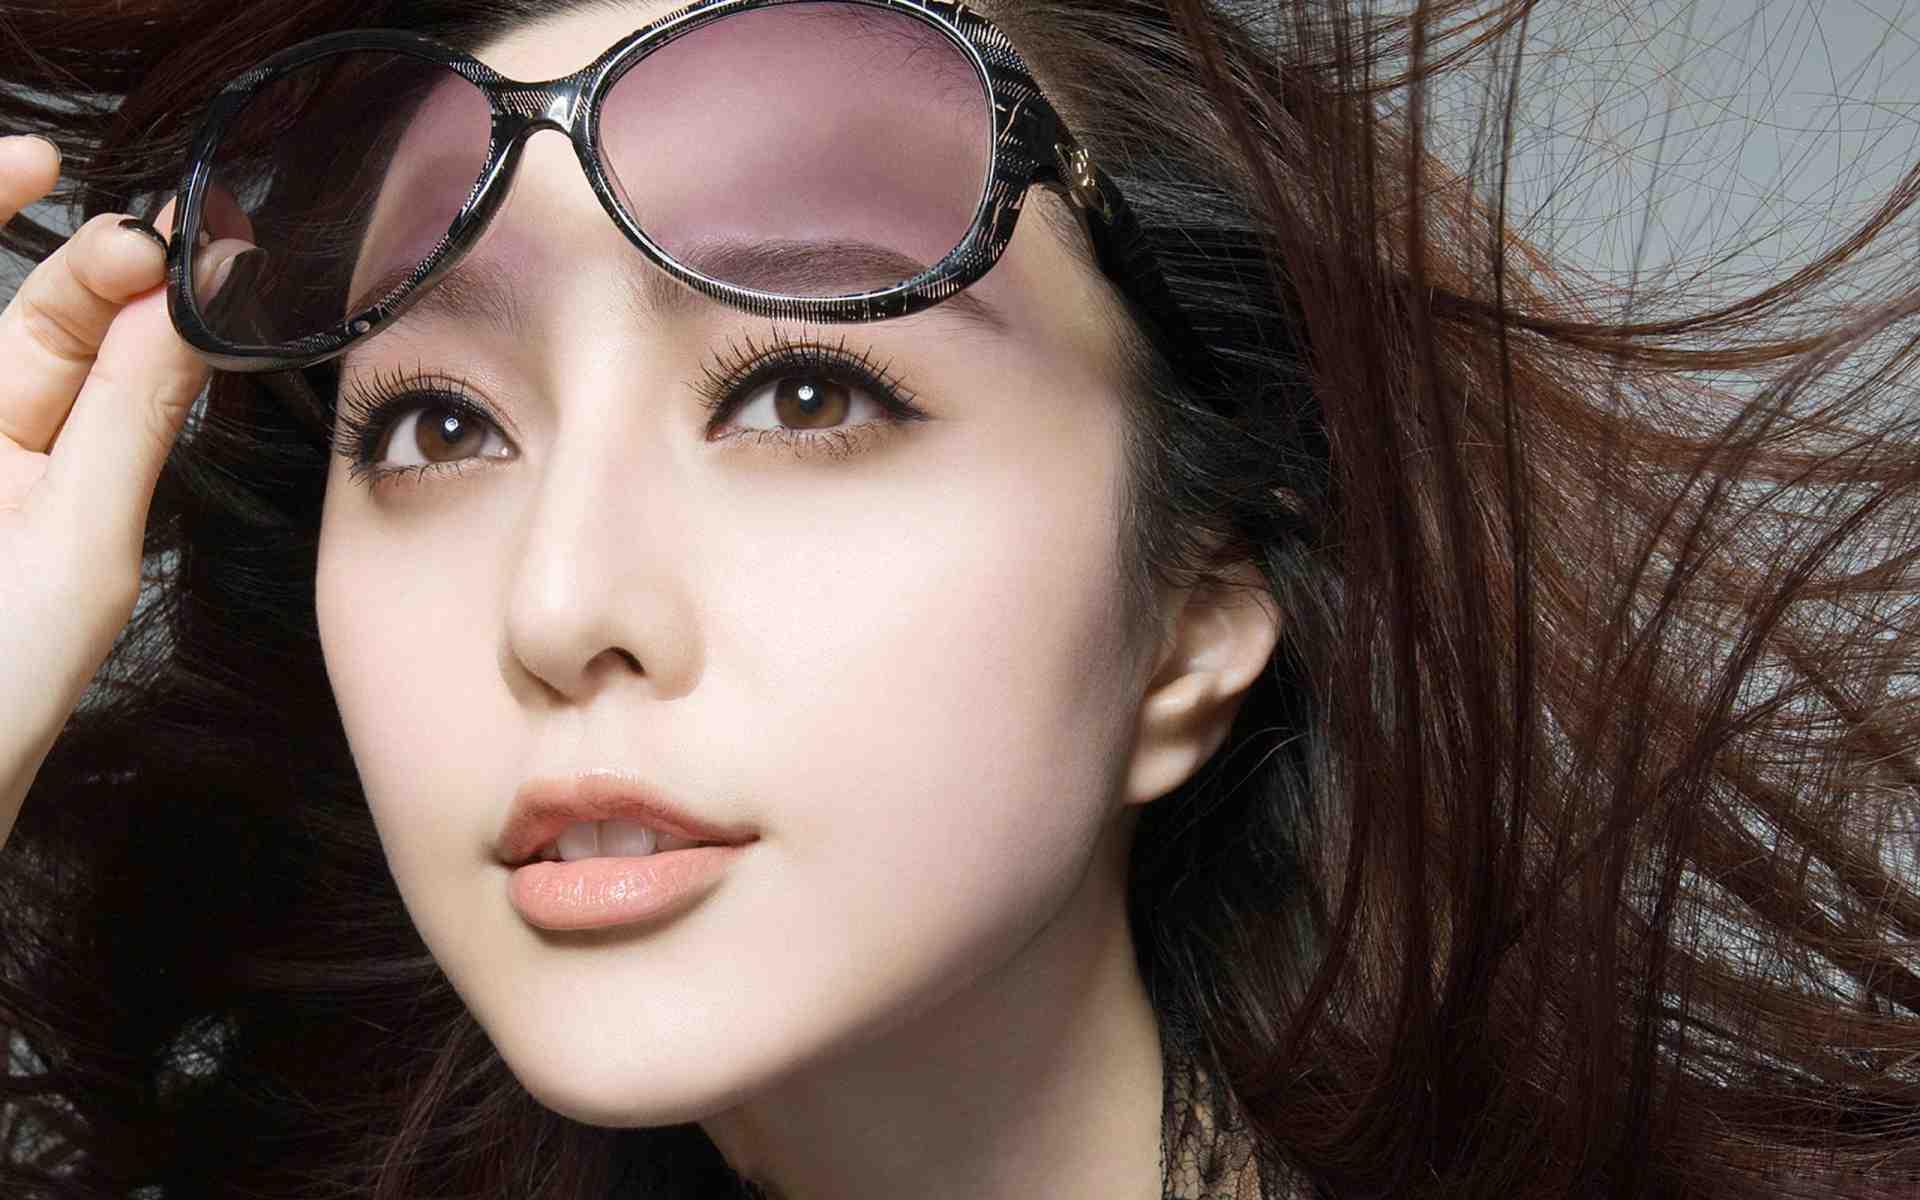 Đôi môi trái tim quyến rũ của cô là niềm ao ước của nhiều người